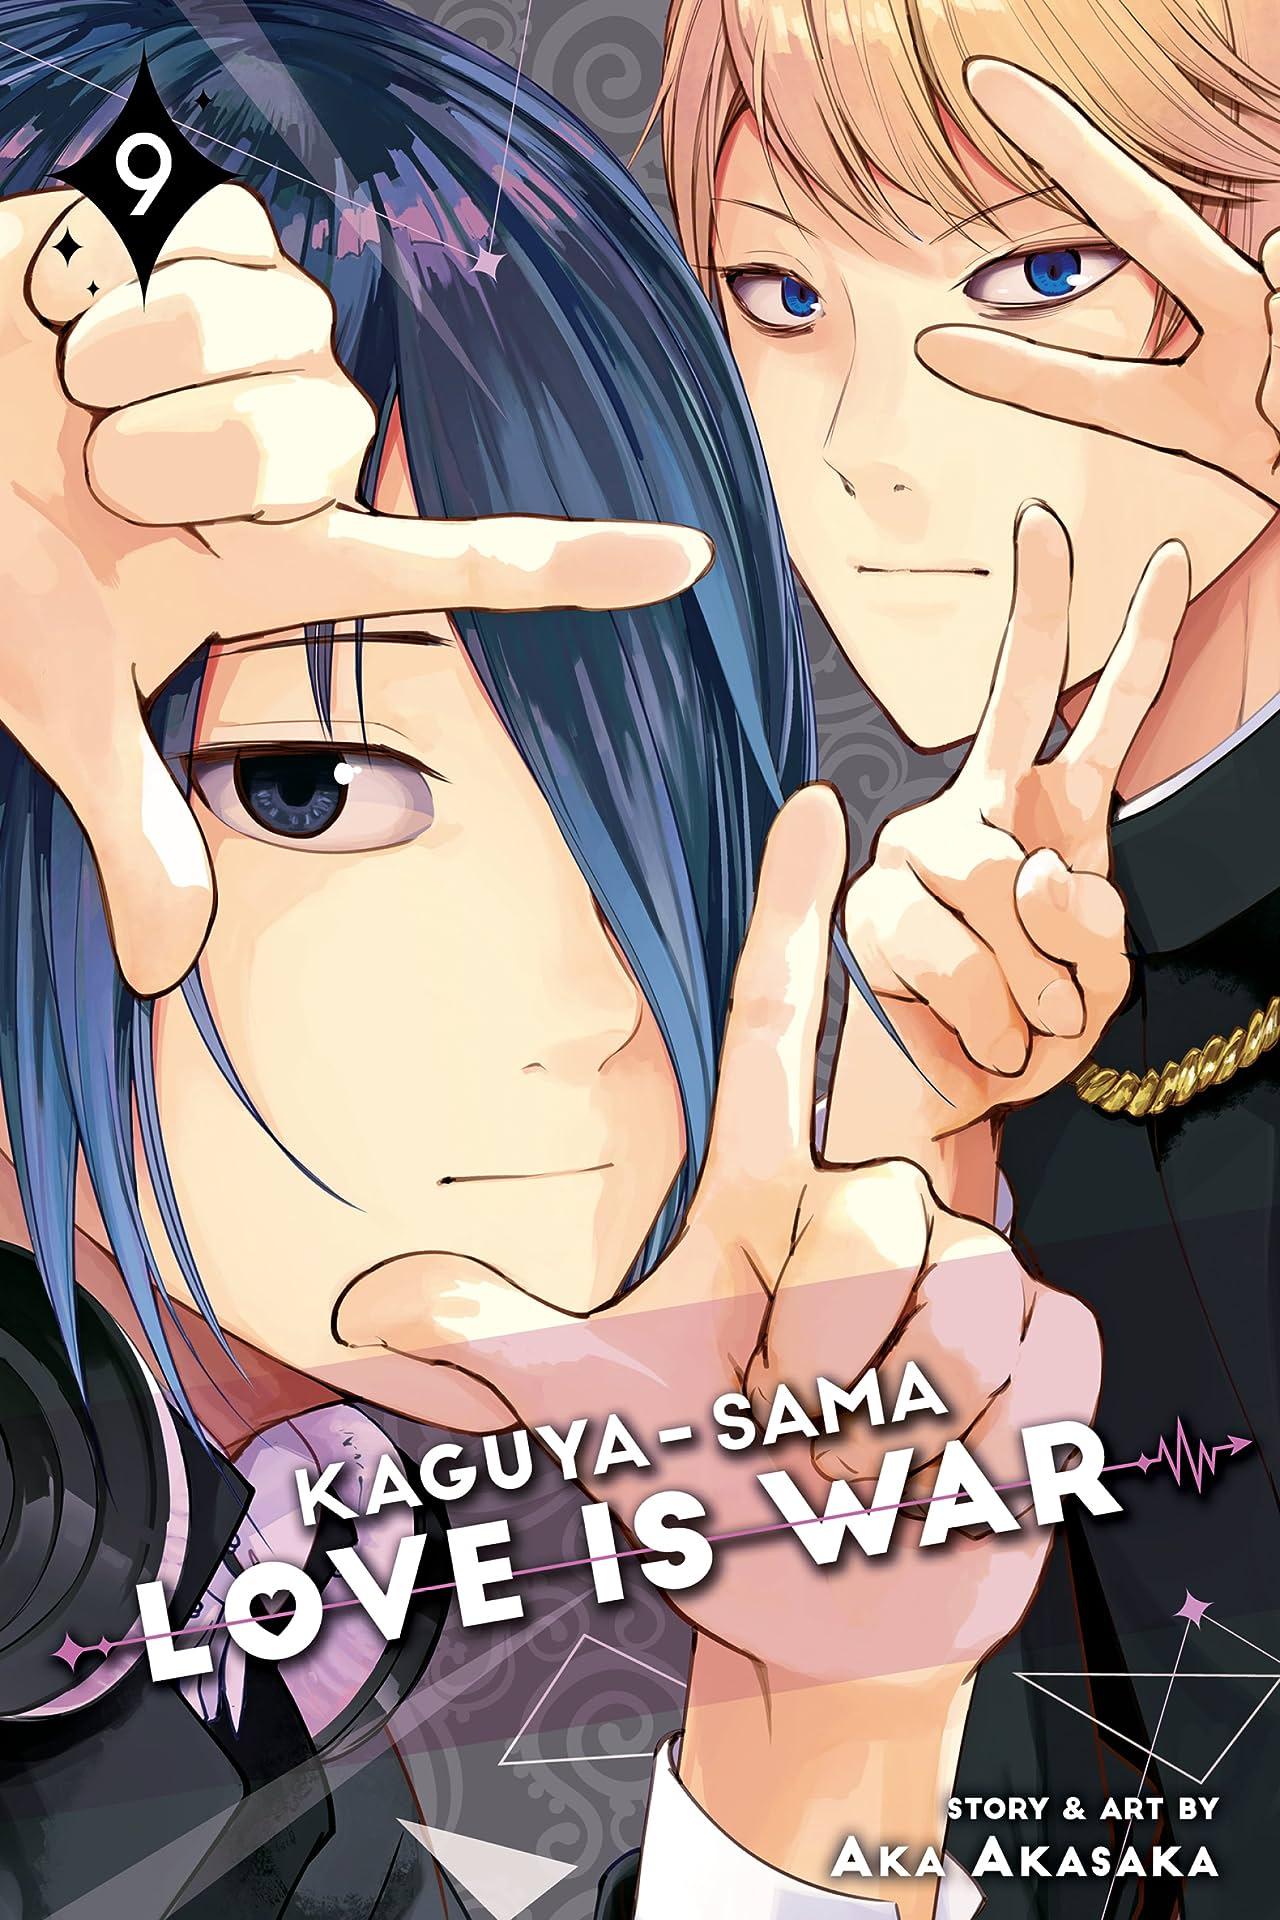 Kaguya-sama: Love Is War Vol. 9